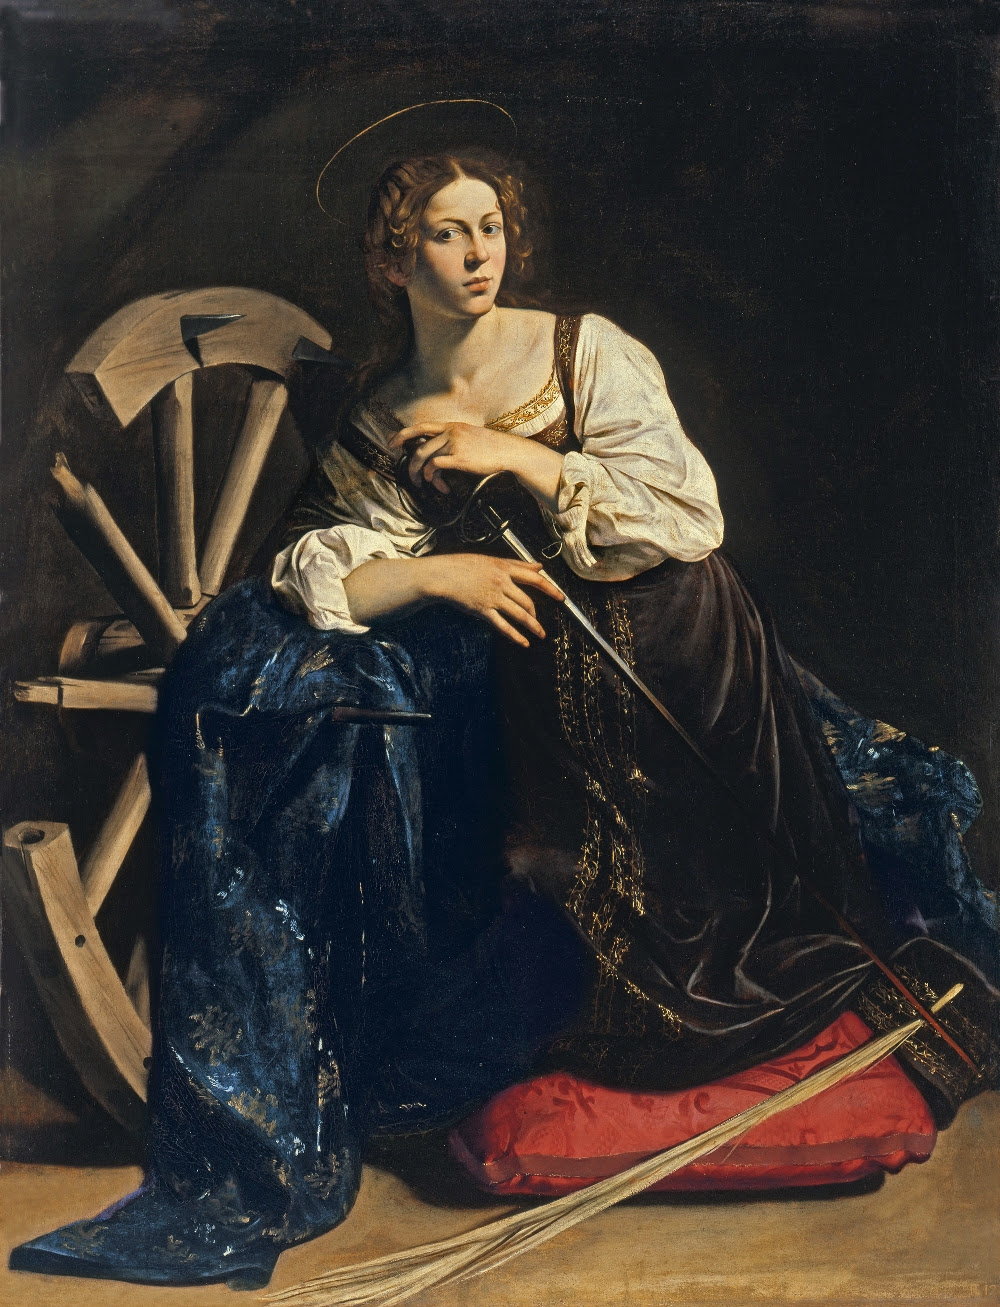 Η Αικατερίνη της Αλεξανδρείας, έργο του Ιταλού καλλιτέχνη του μπαρόκ, του Καραβάτζιο